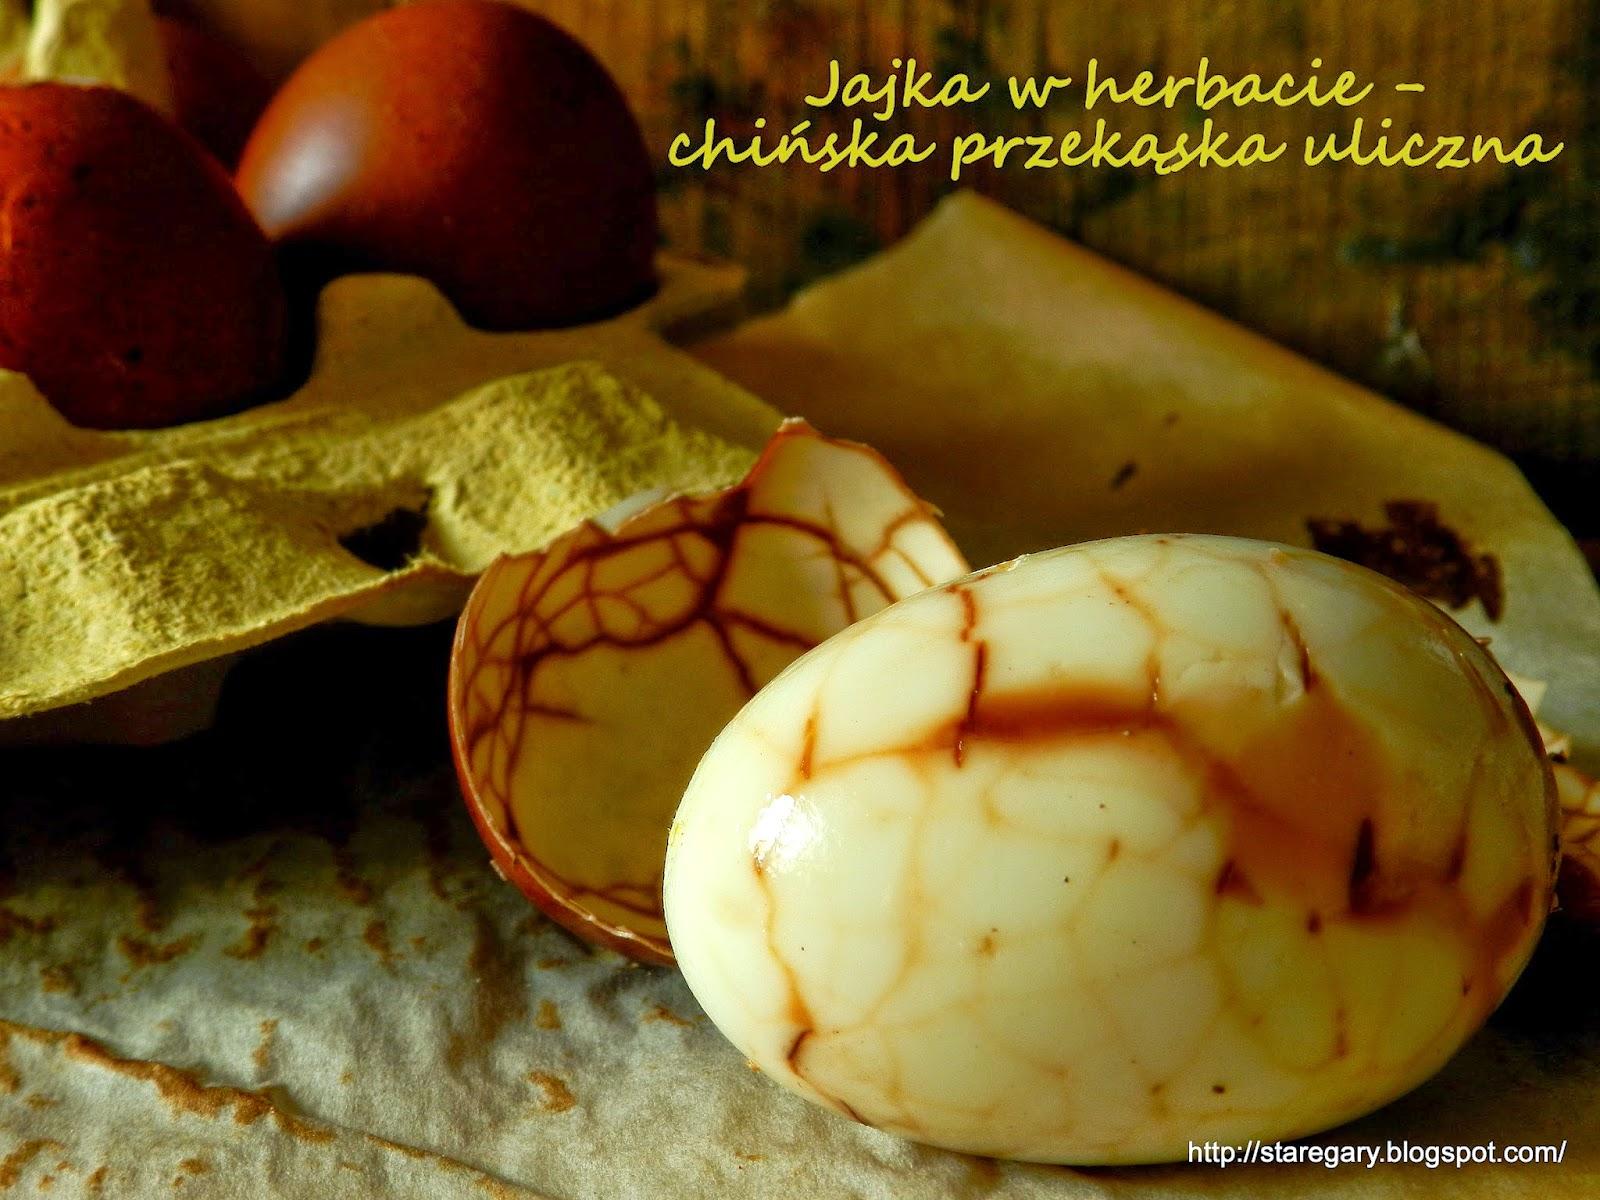 Jajka w herbacie - chińska przekąska uliczna